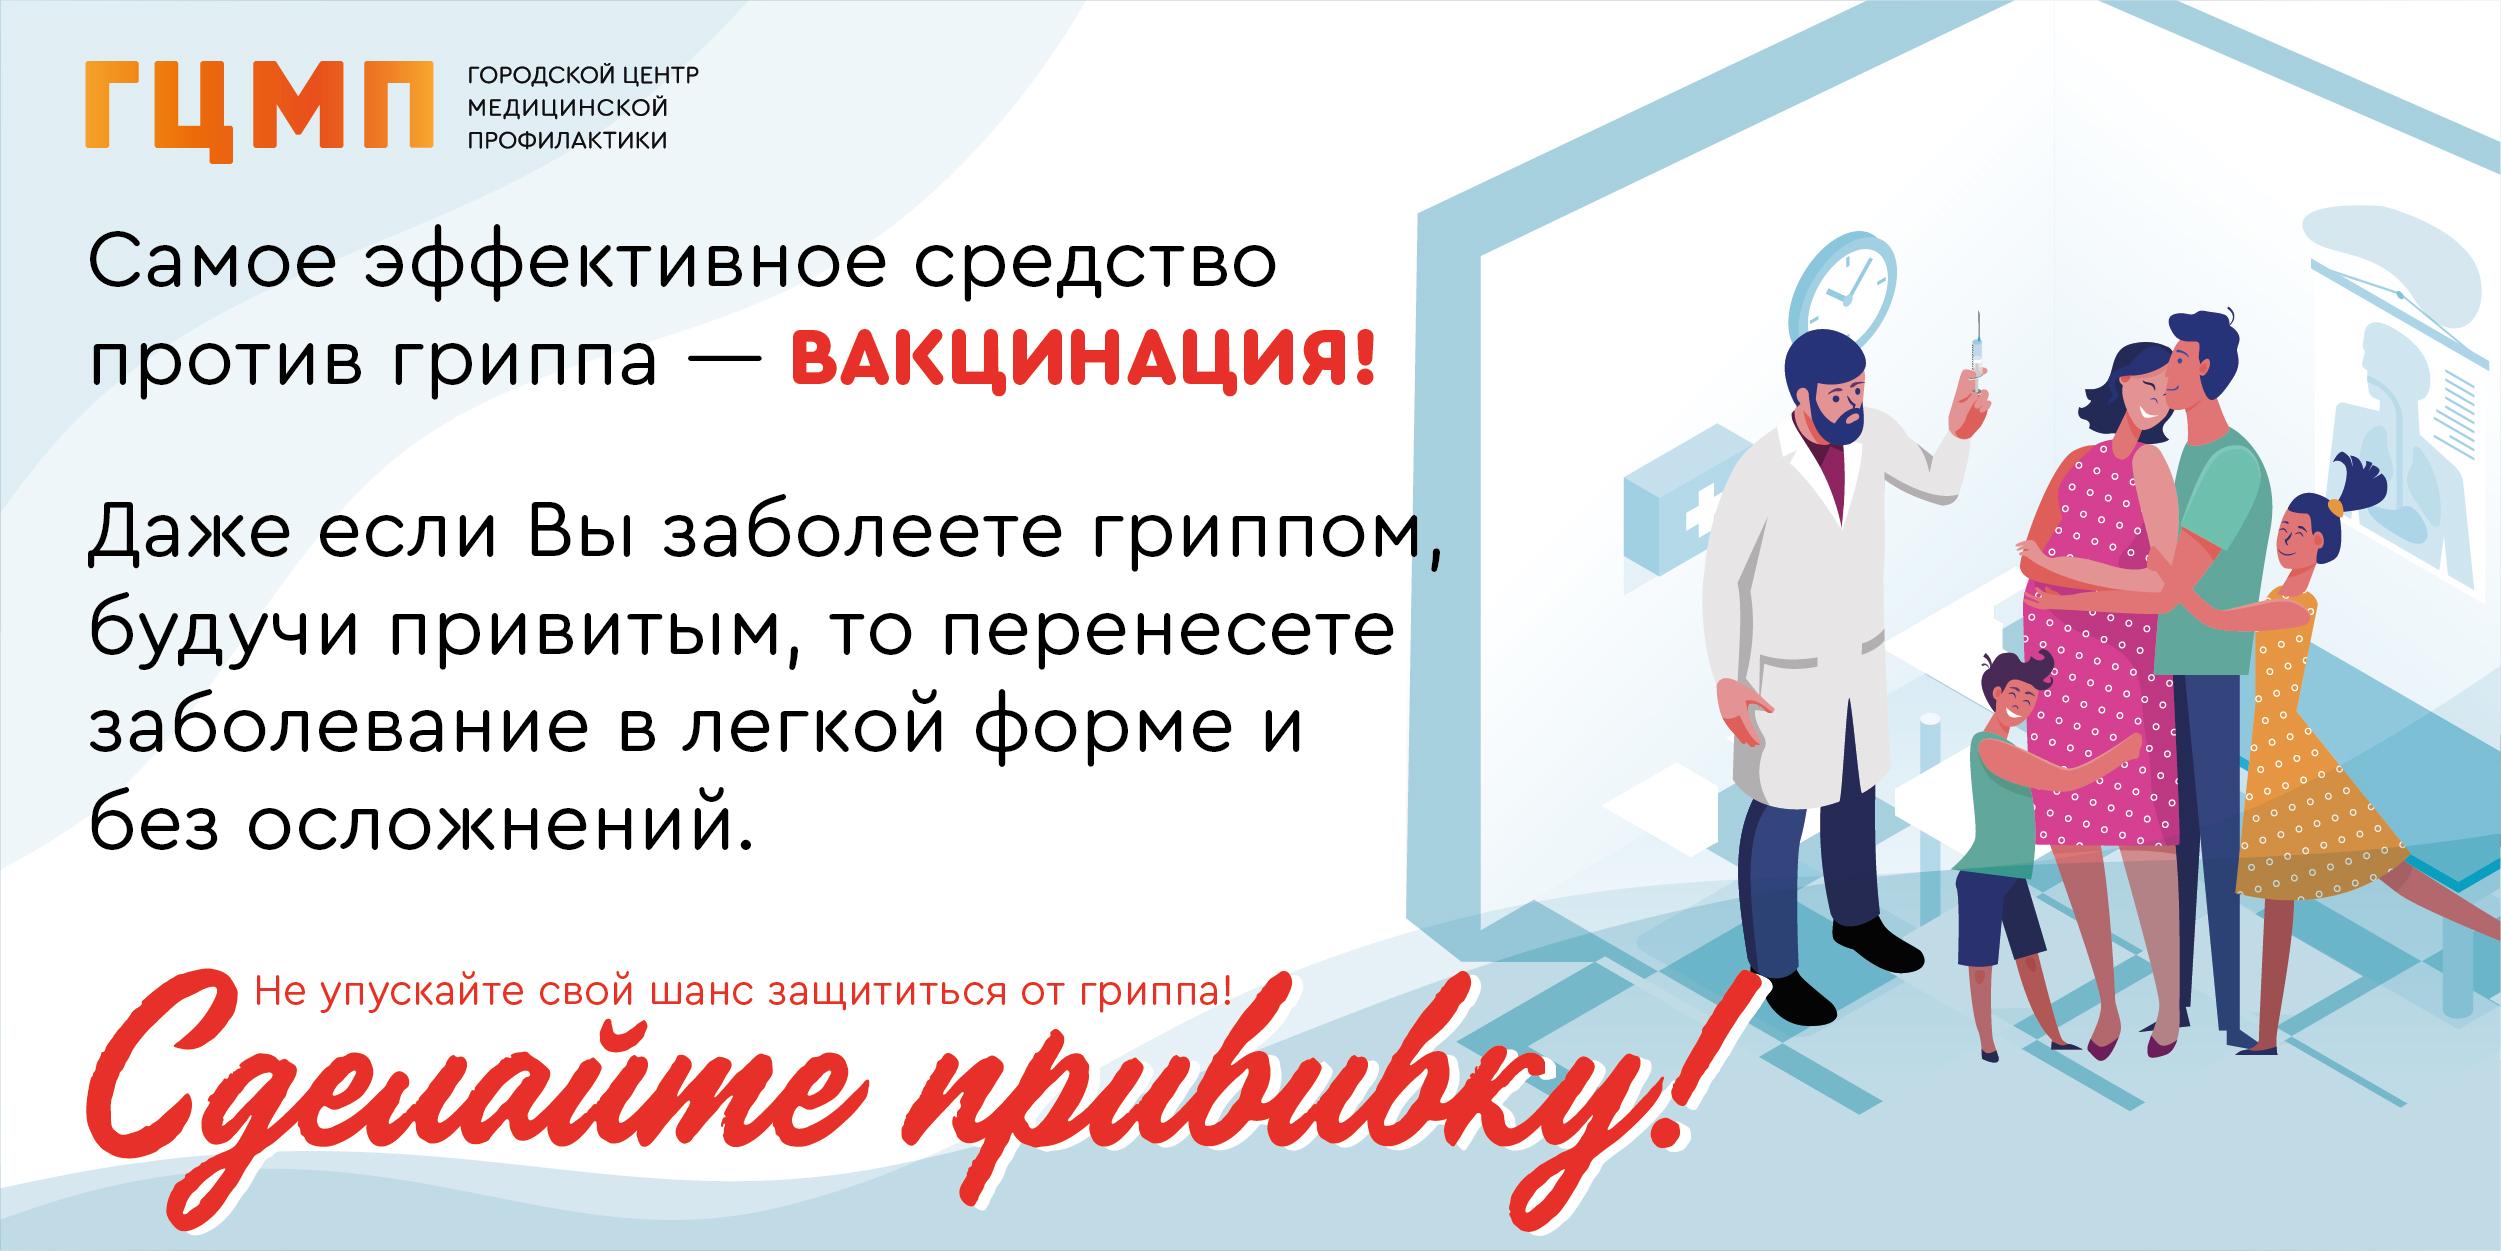 Баннер Вакцинация 2020 грипп (1)